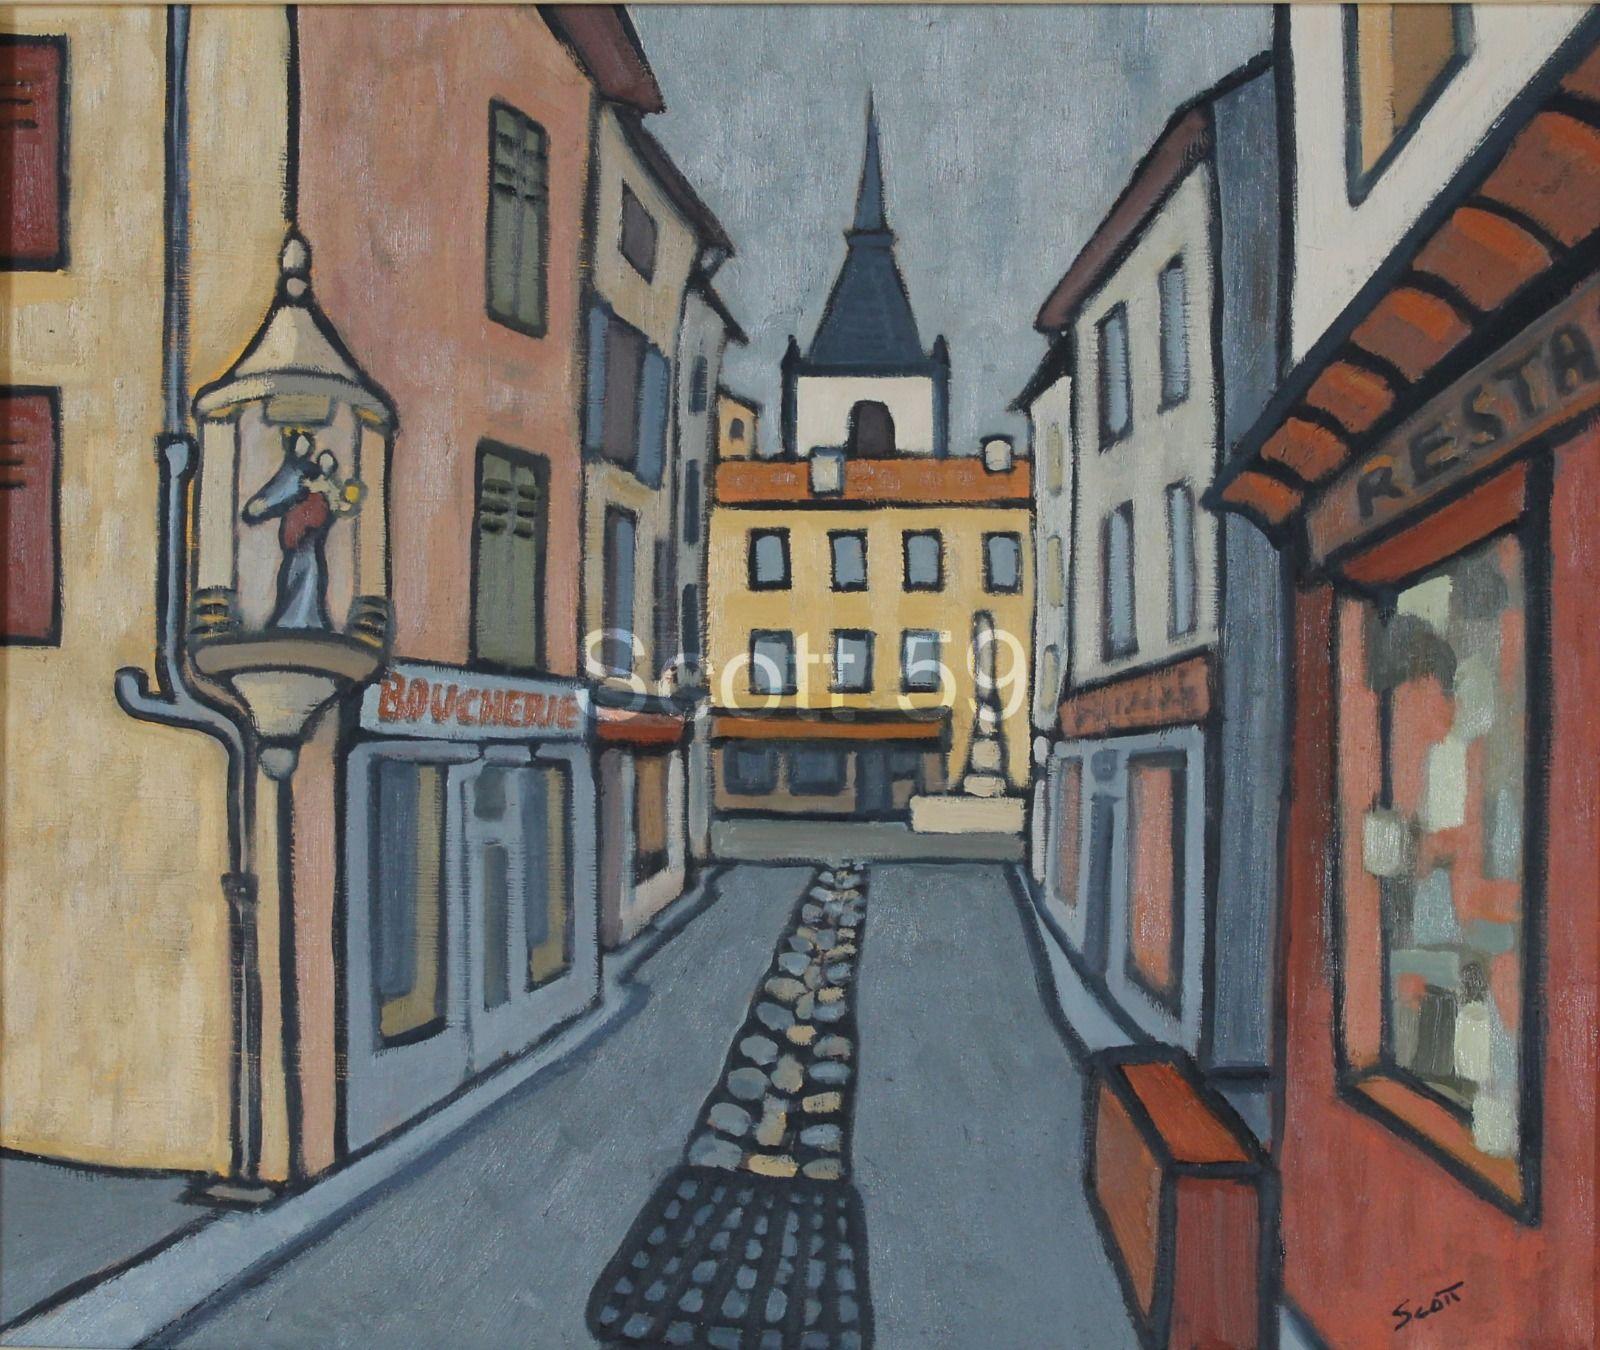 Rue de Sainte-Marie, Craponne-sur-Arzon (Oil on board, 51 x 61cm)